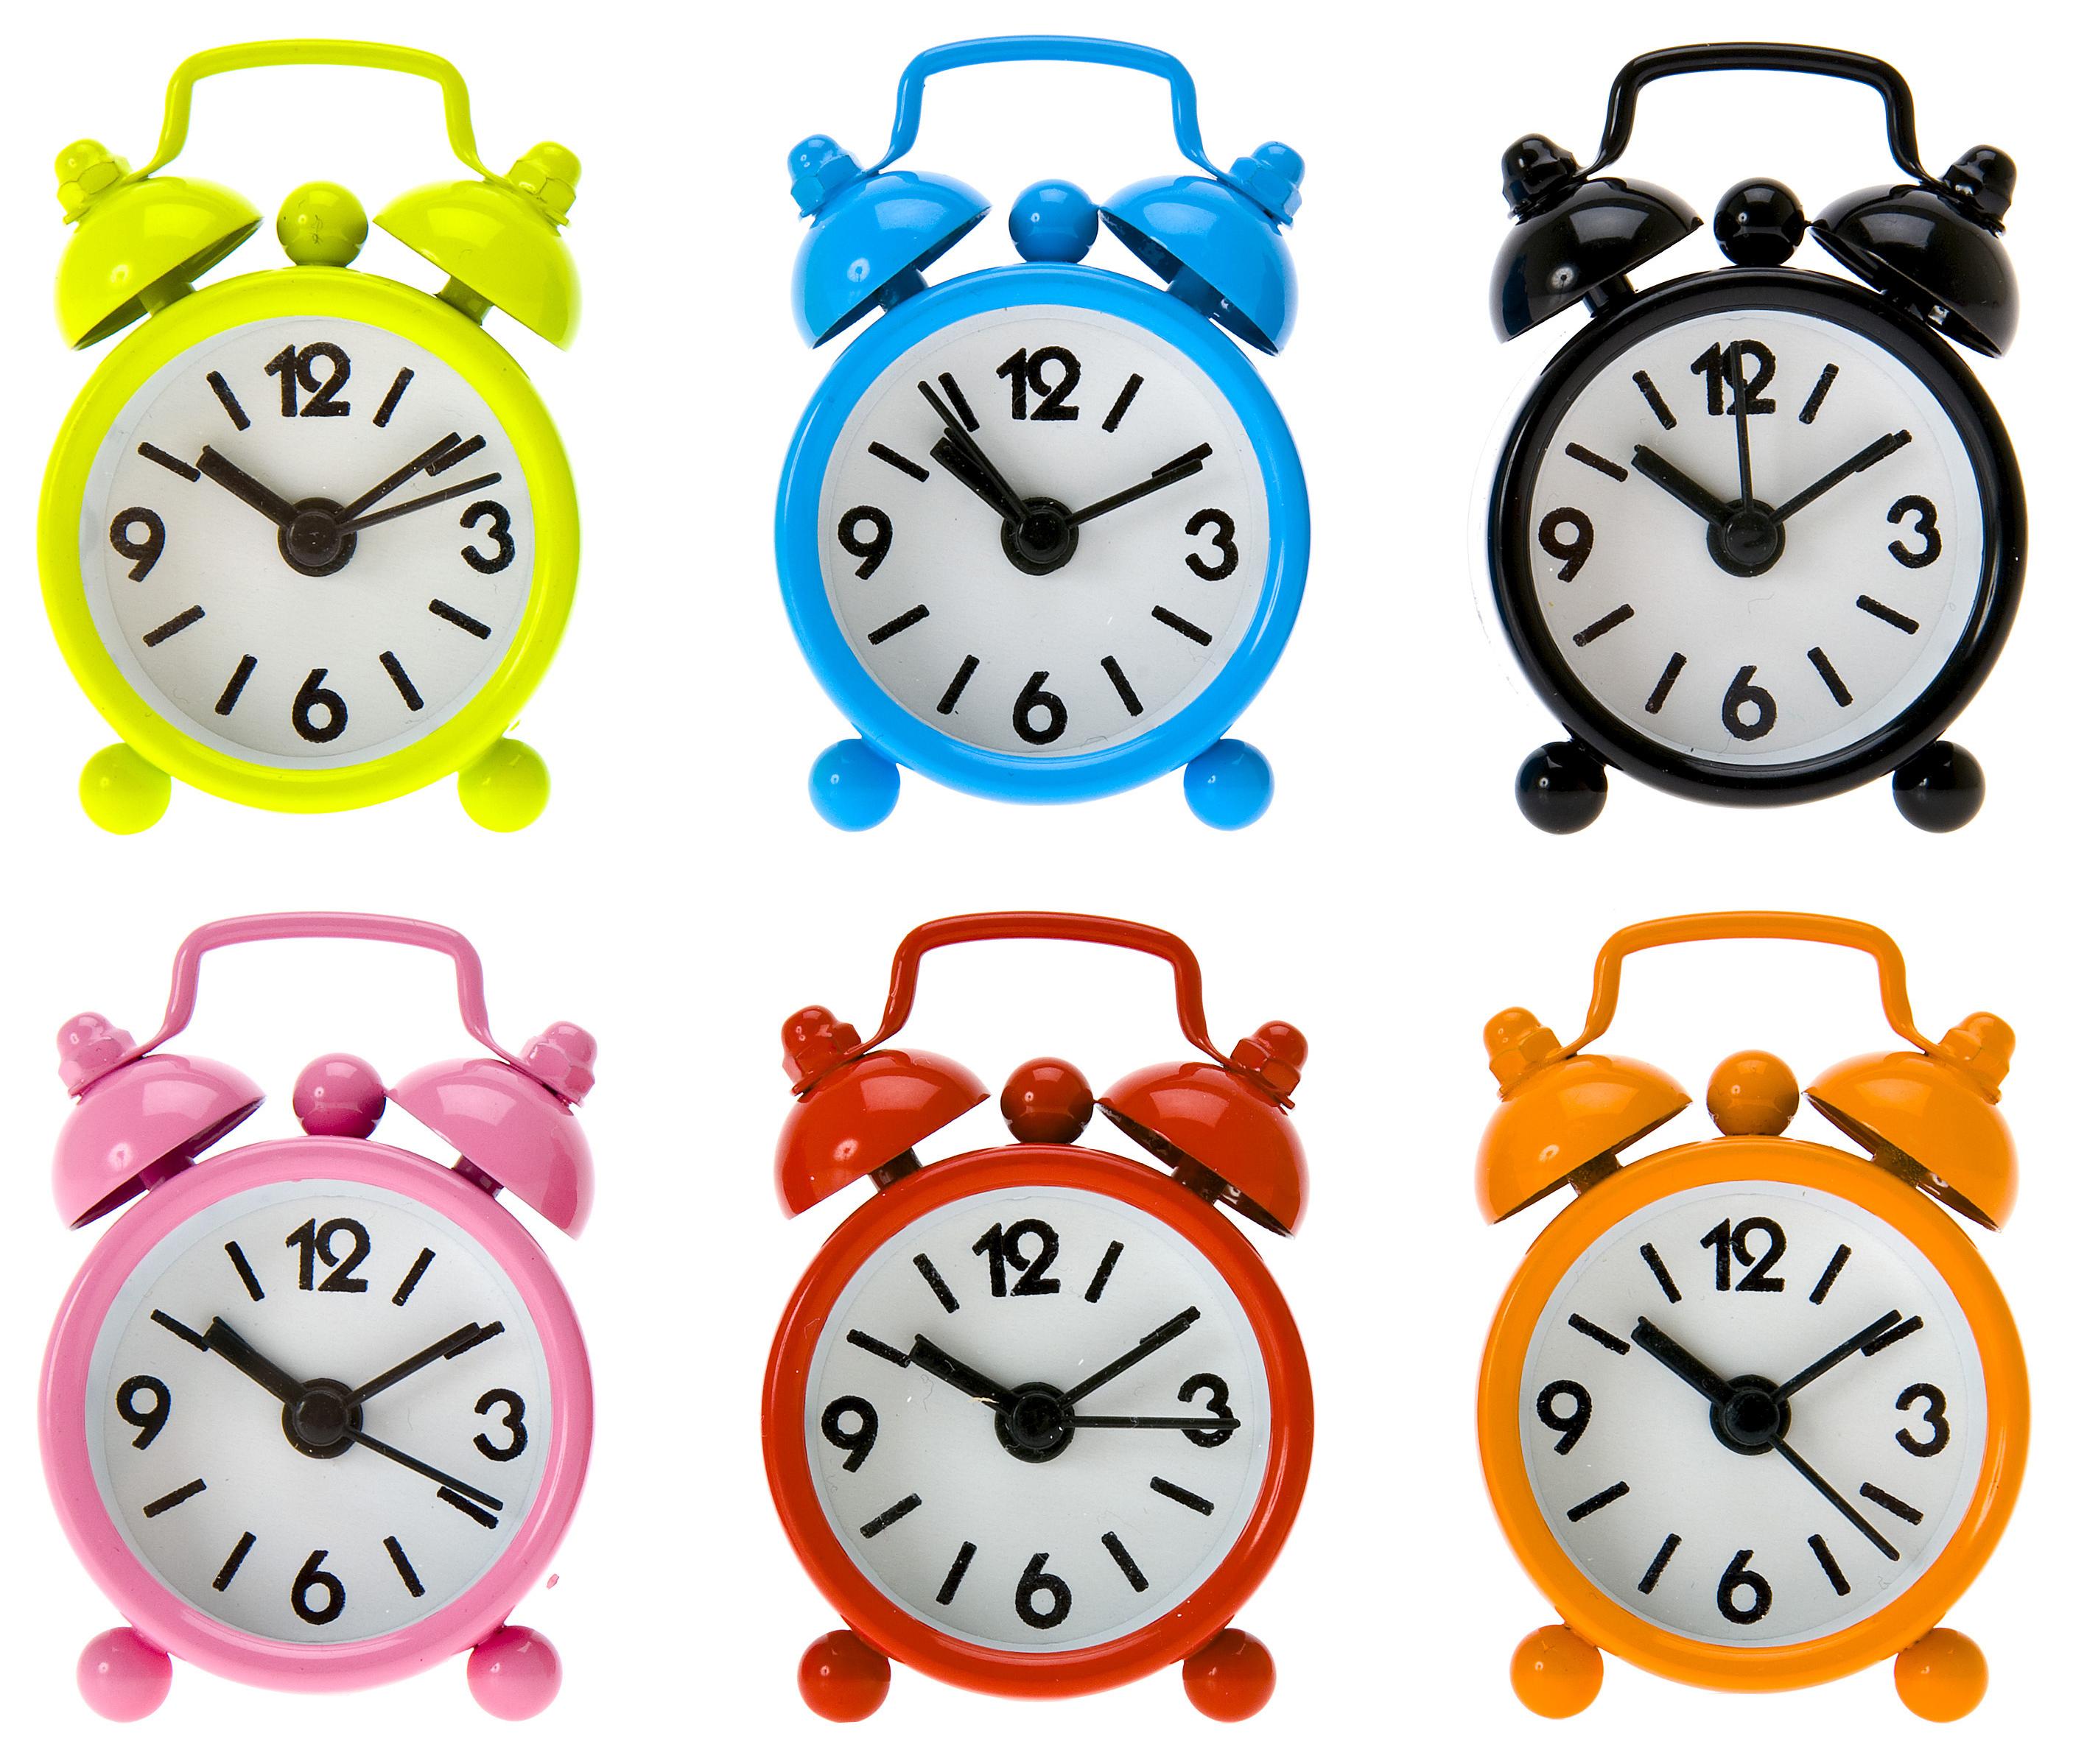 Clocks bright mini working metal alarm clocks c2a34 99 each www clocks bright mini working metal alarm clocks c2a34 99 each www tch net amipublicfo Choice Image